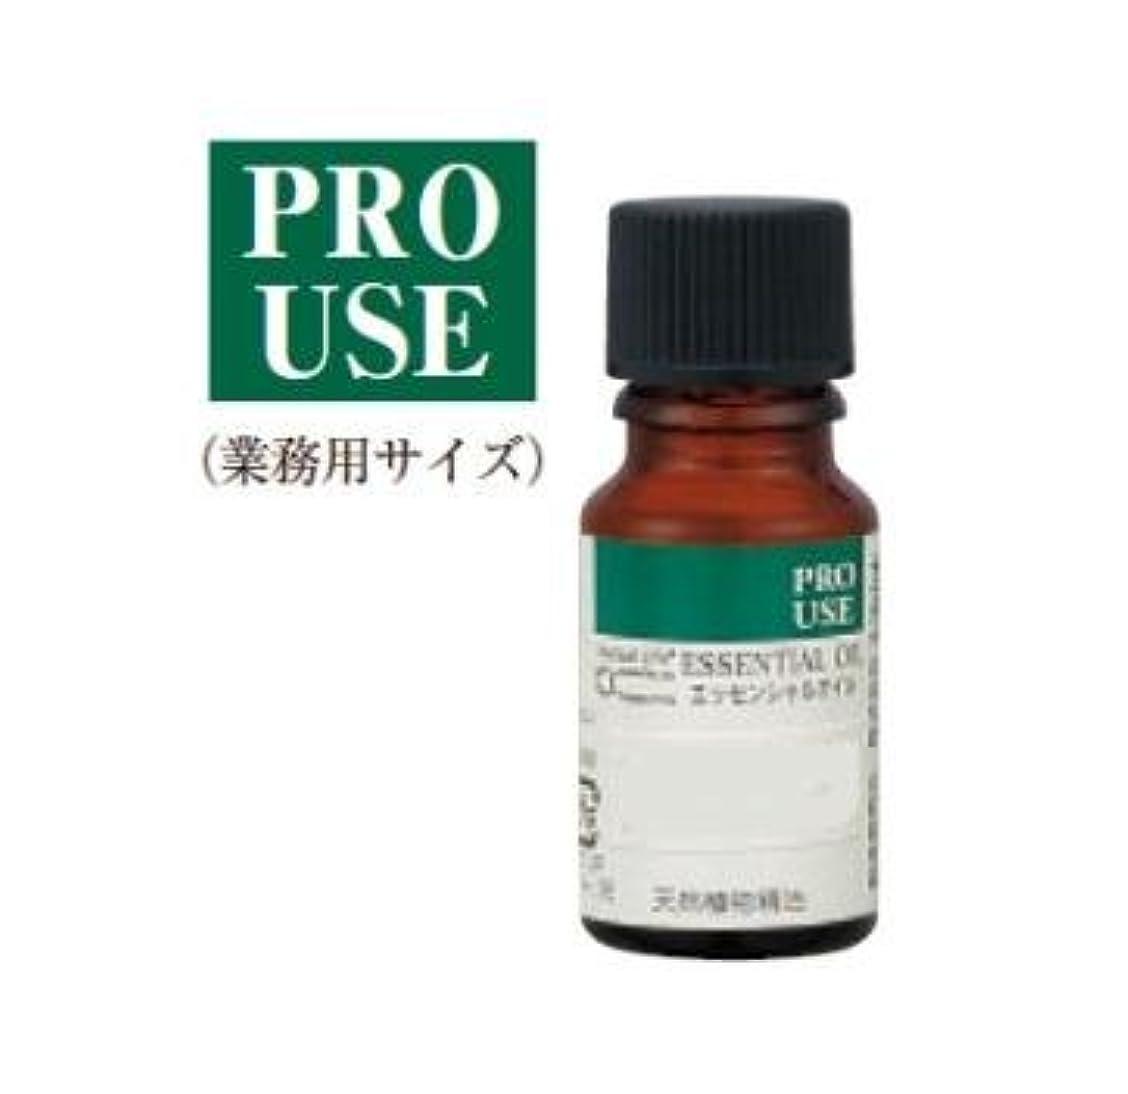 情熱的ロードハウス高齢者生活の木 ジャスミンAbs.10ml エッセンシャルオイル/精油